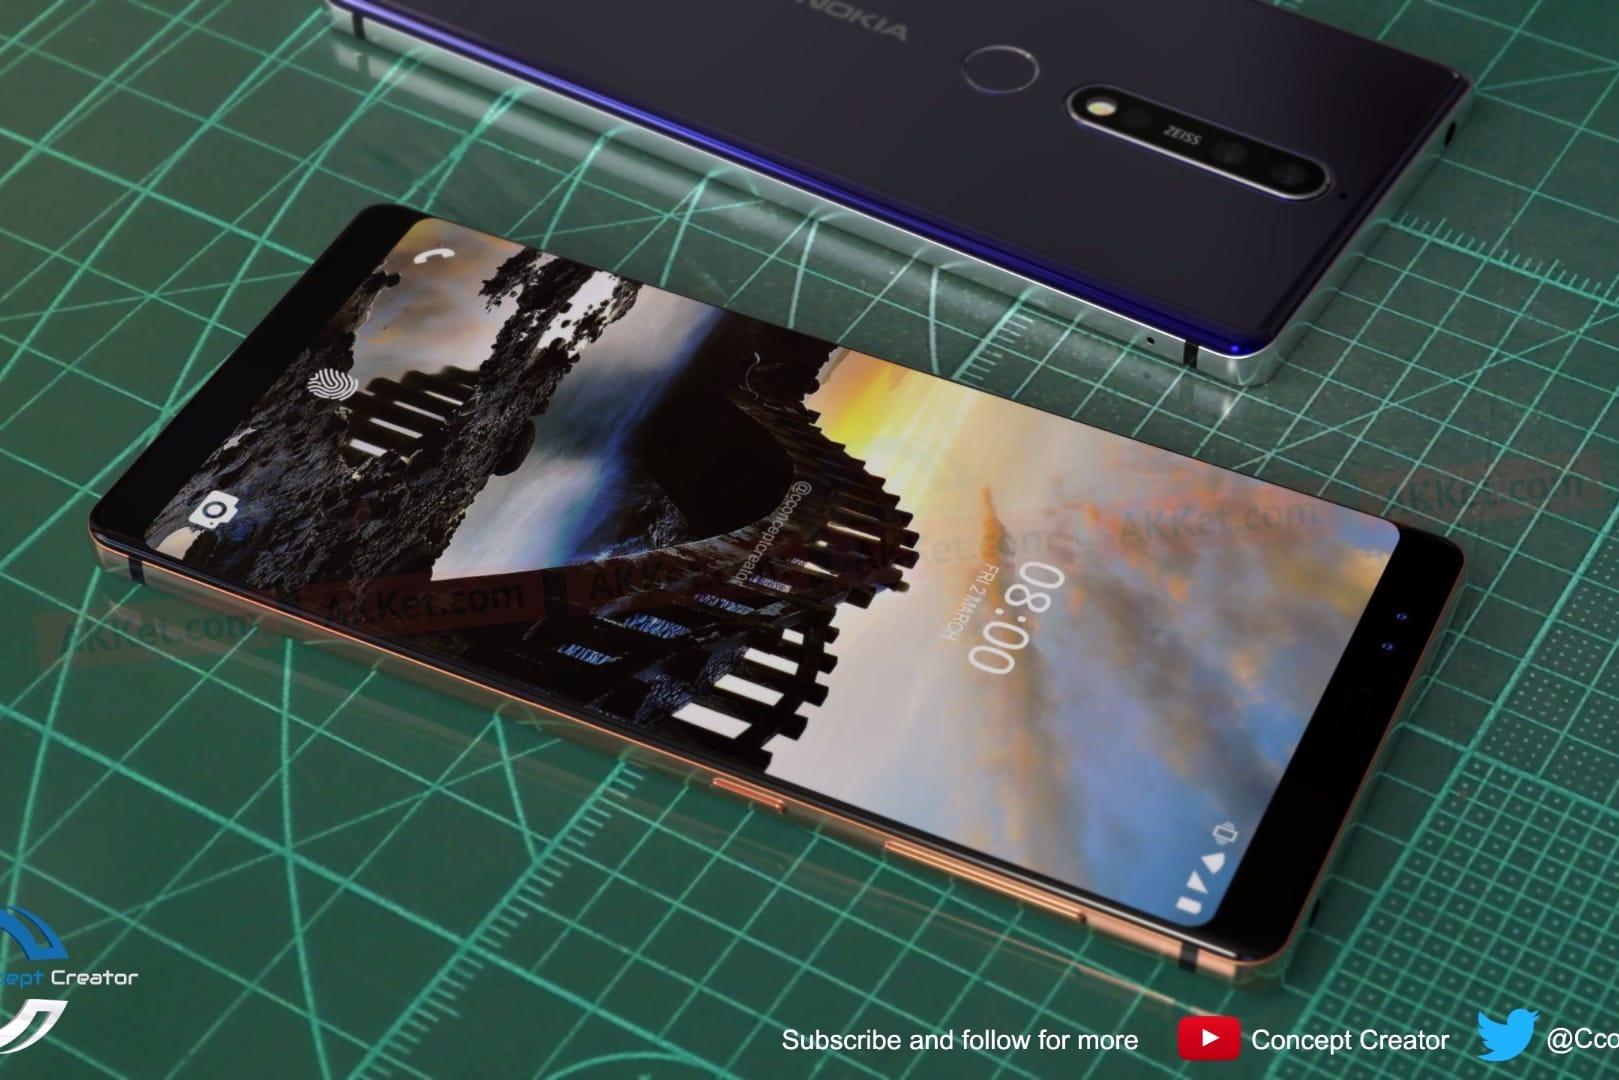 Розкішний Nokia 8 Sirocco з безрамковим екраном і подвійною камерою на зображеннях з усіх боків